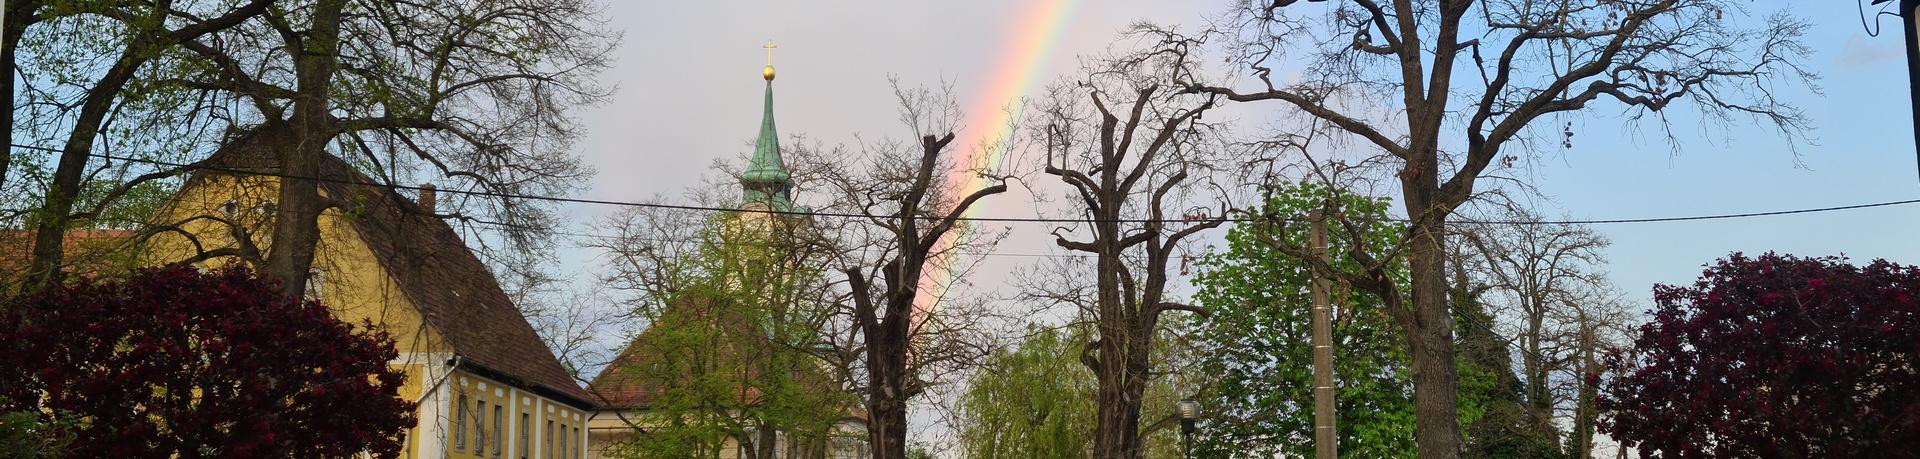 Kirche Schmannewitz Regenbogen